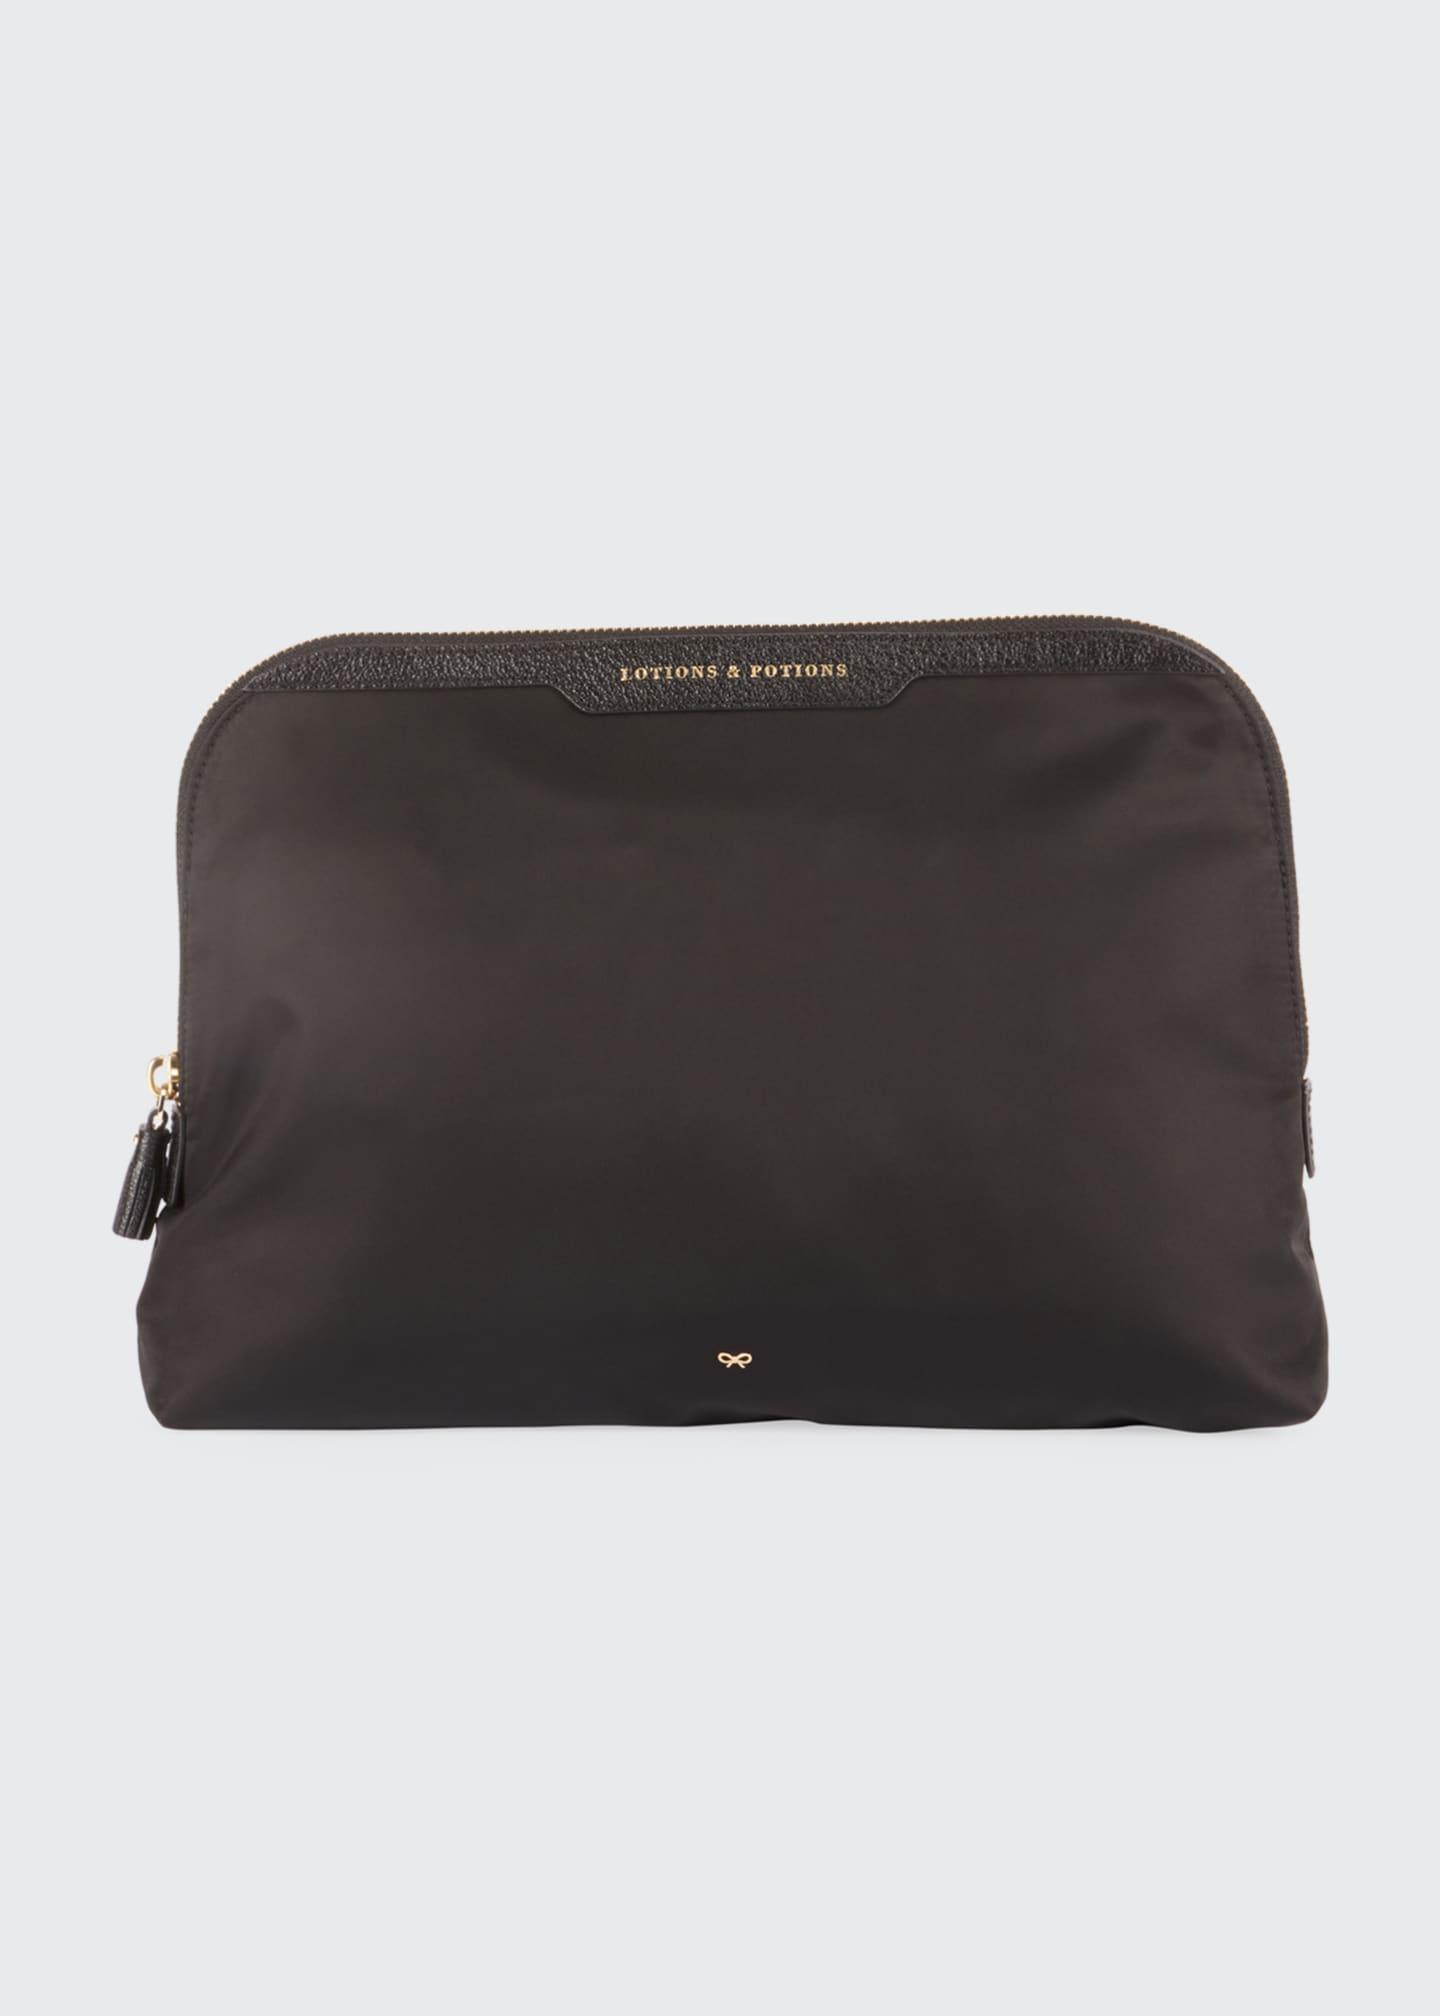 Anya Hindmarch Lotions & Potions Cosmetics Bag, Black